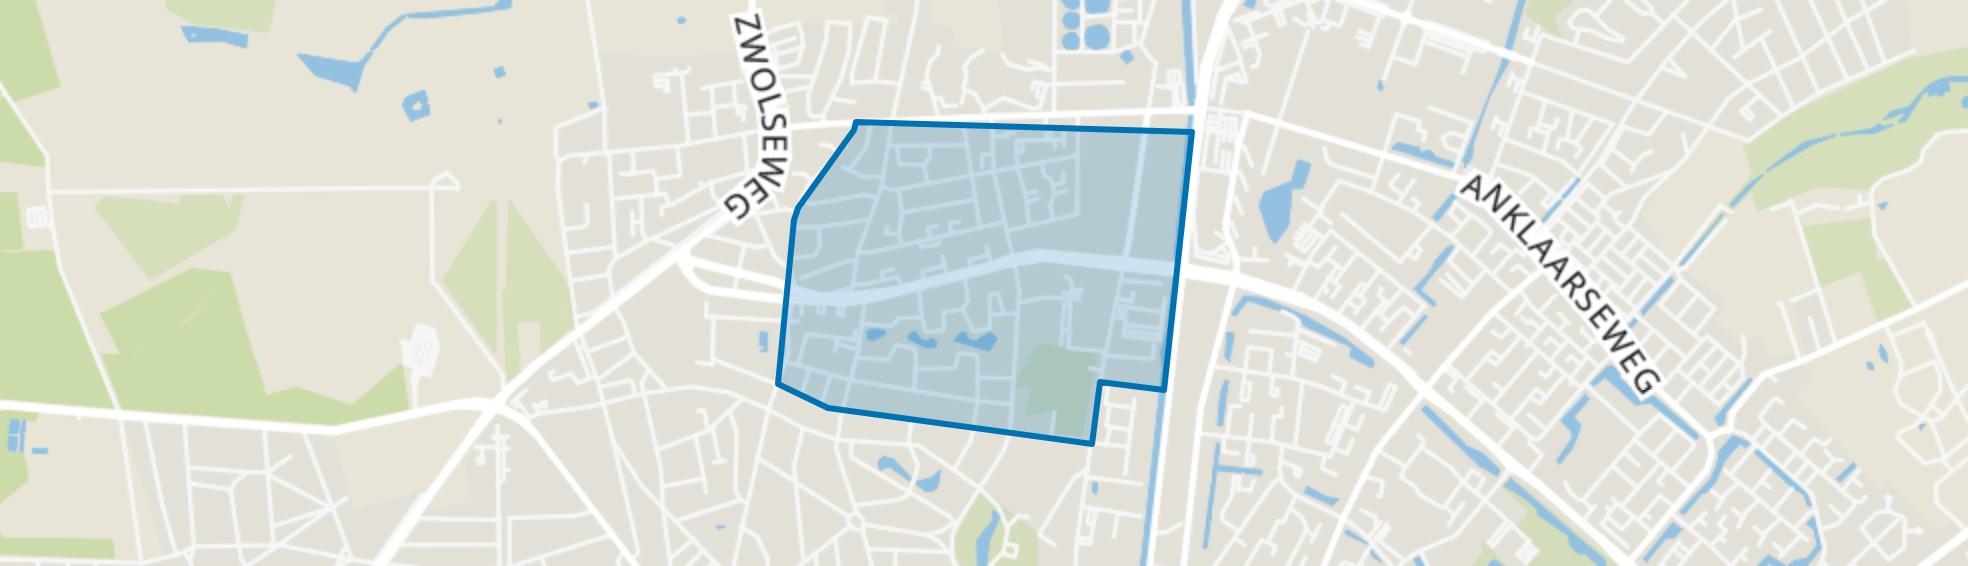 Kerschoten, Apeldoorn map